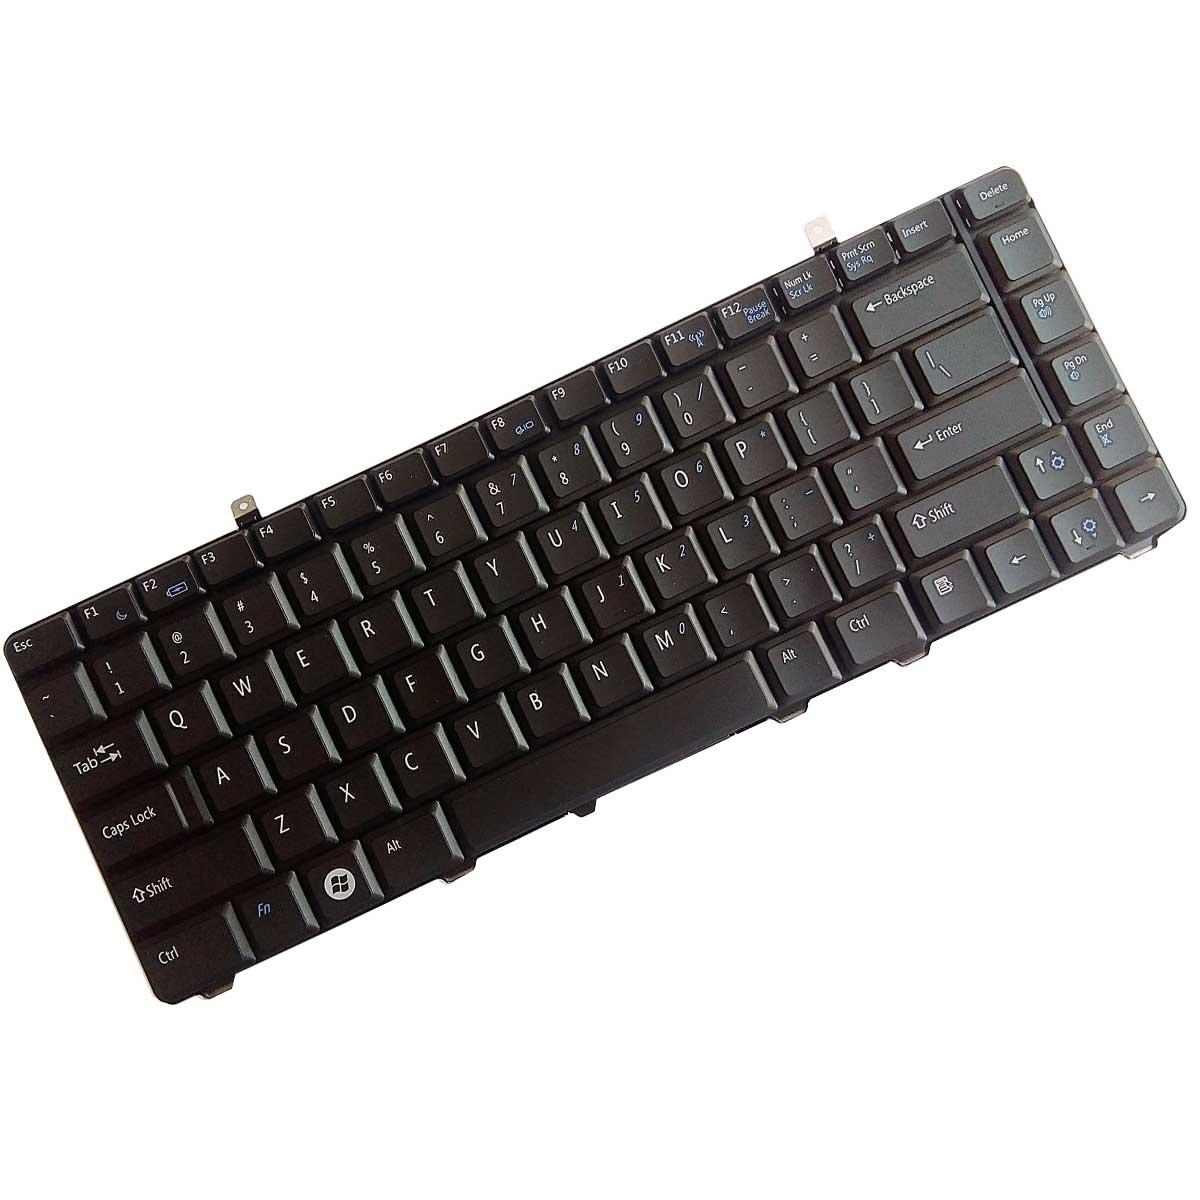 کیبورد لپ تاپ دل Keyboard Laptop DELL Vostro 1015